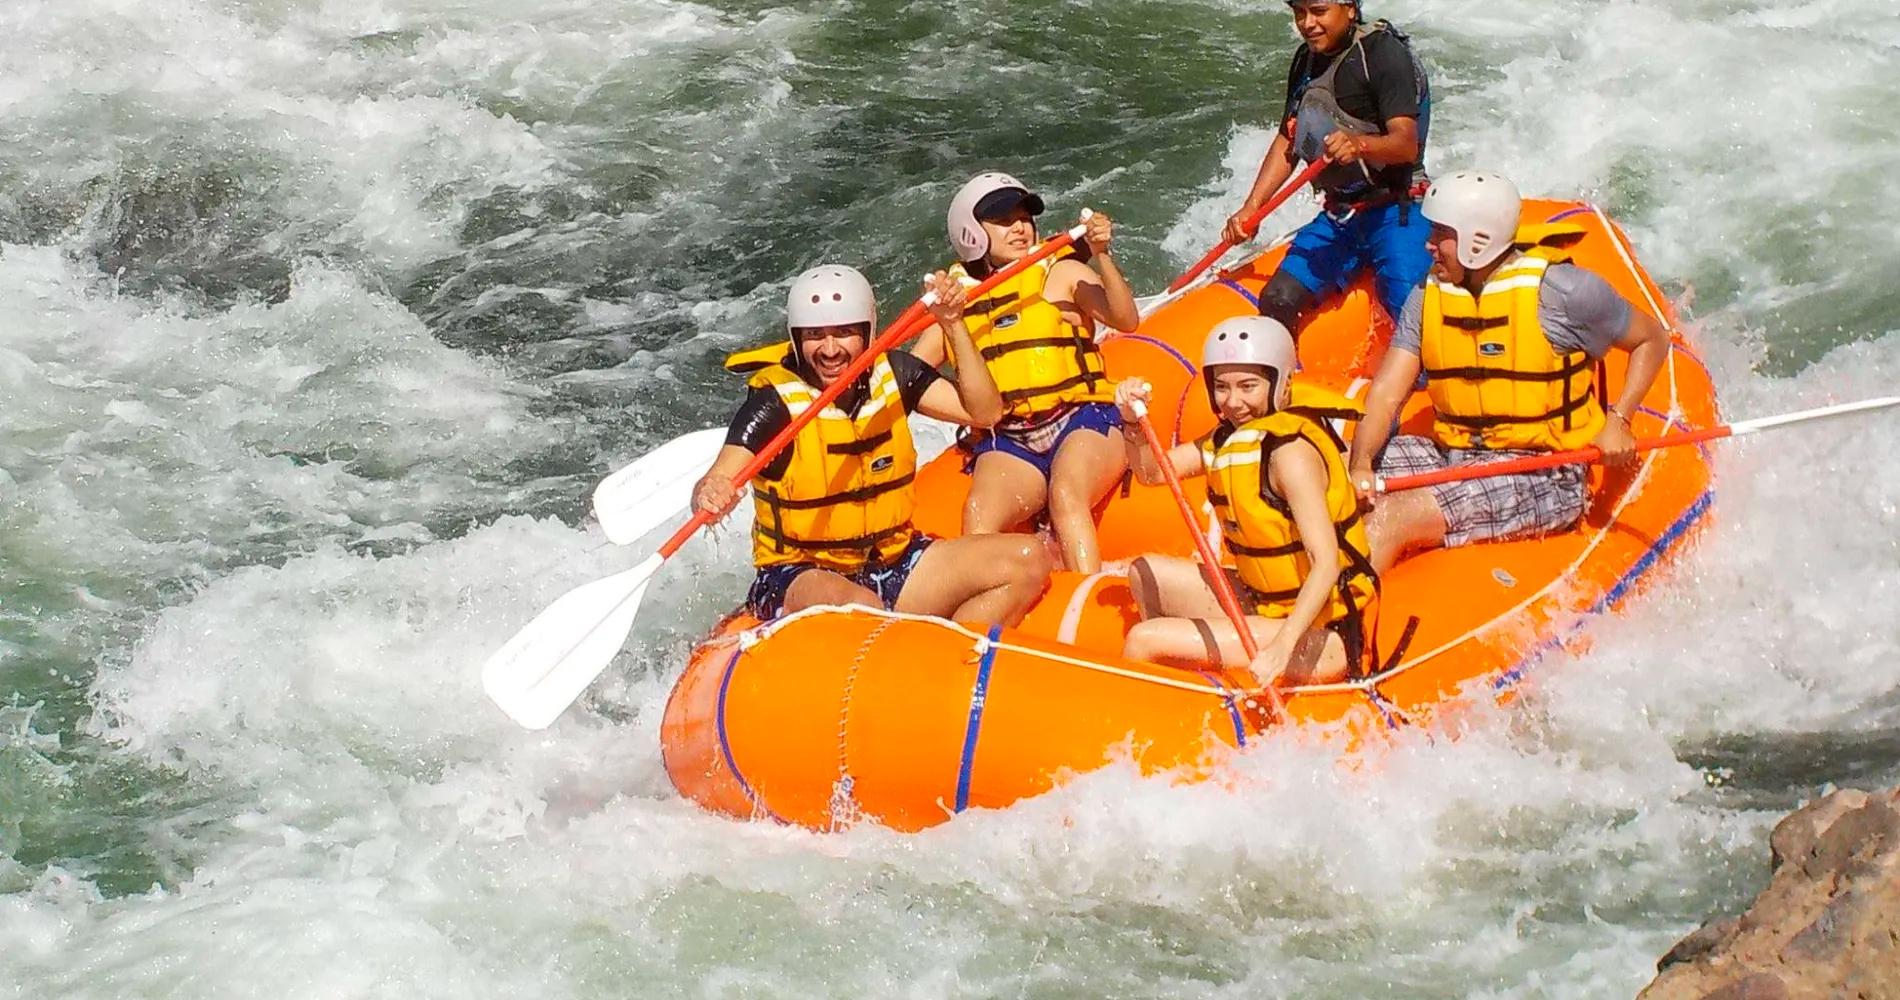 Rafting en veracruz (@edumarrero) Cover Image